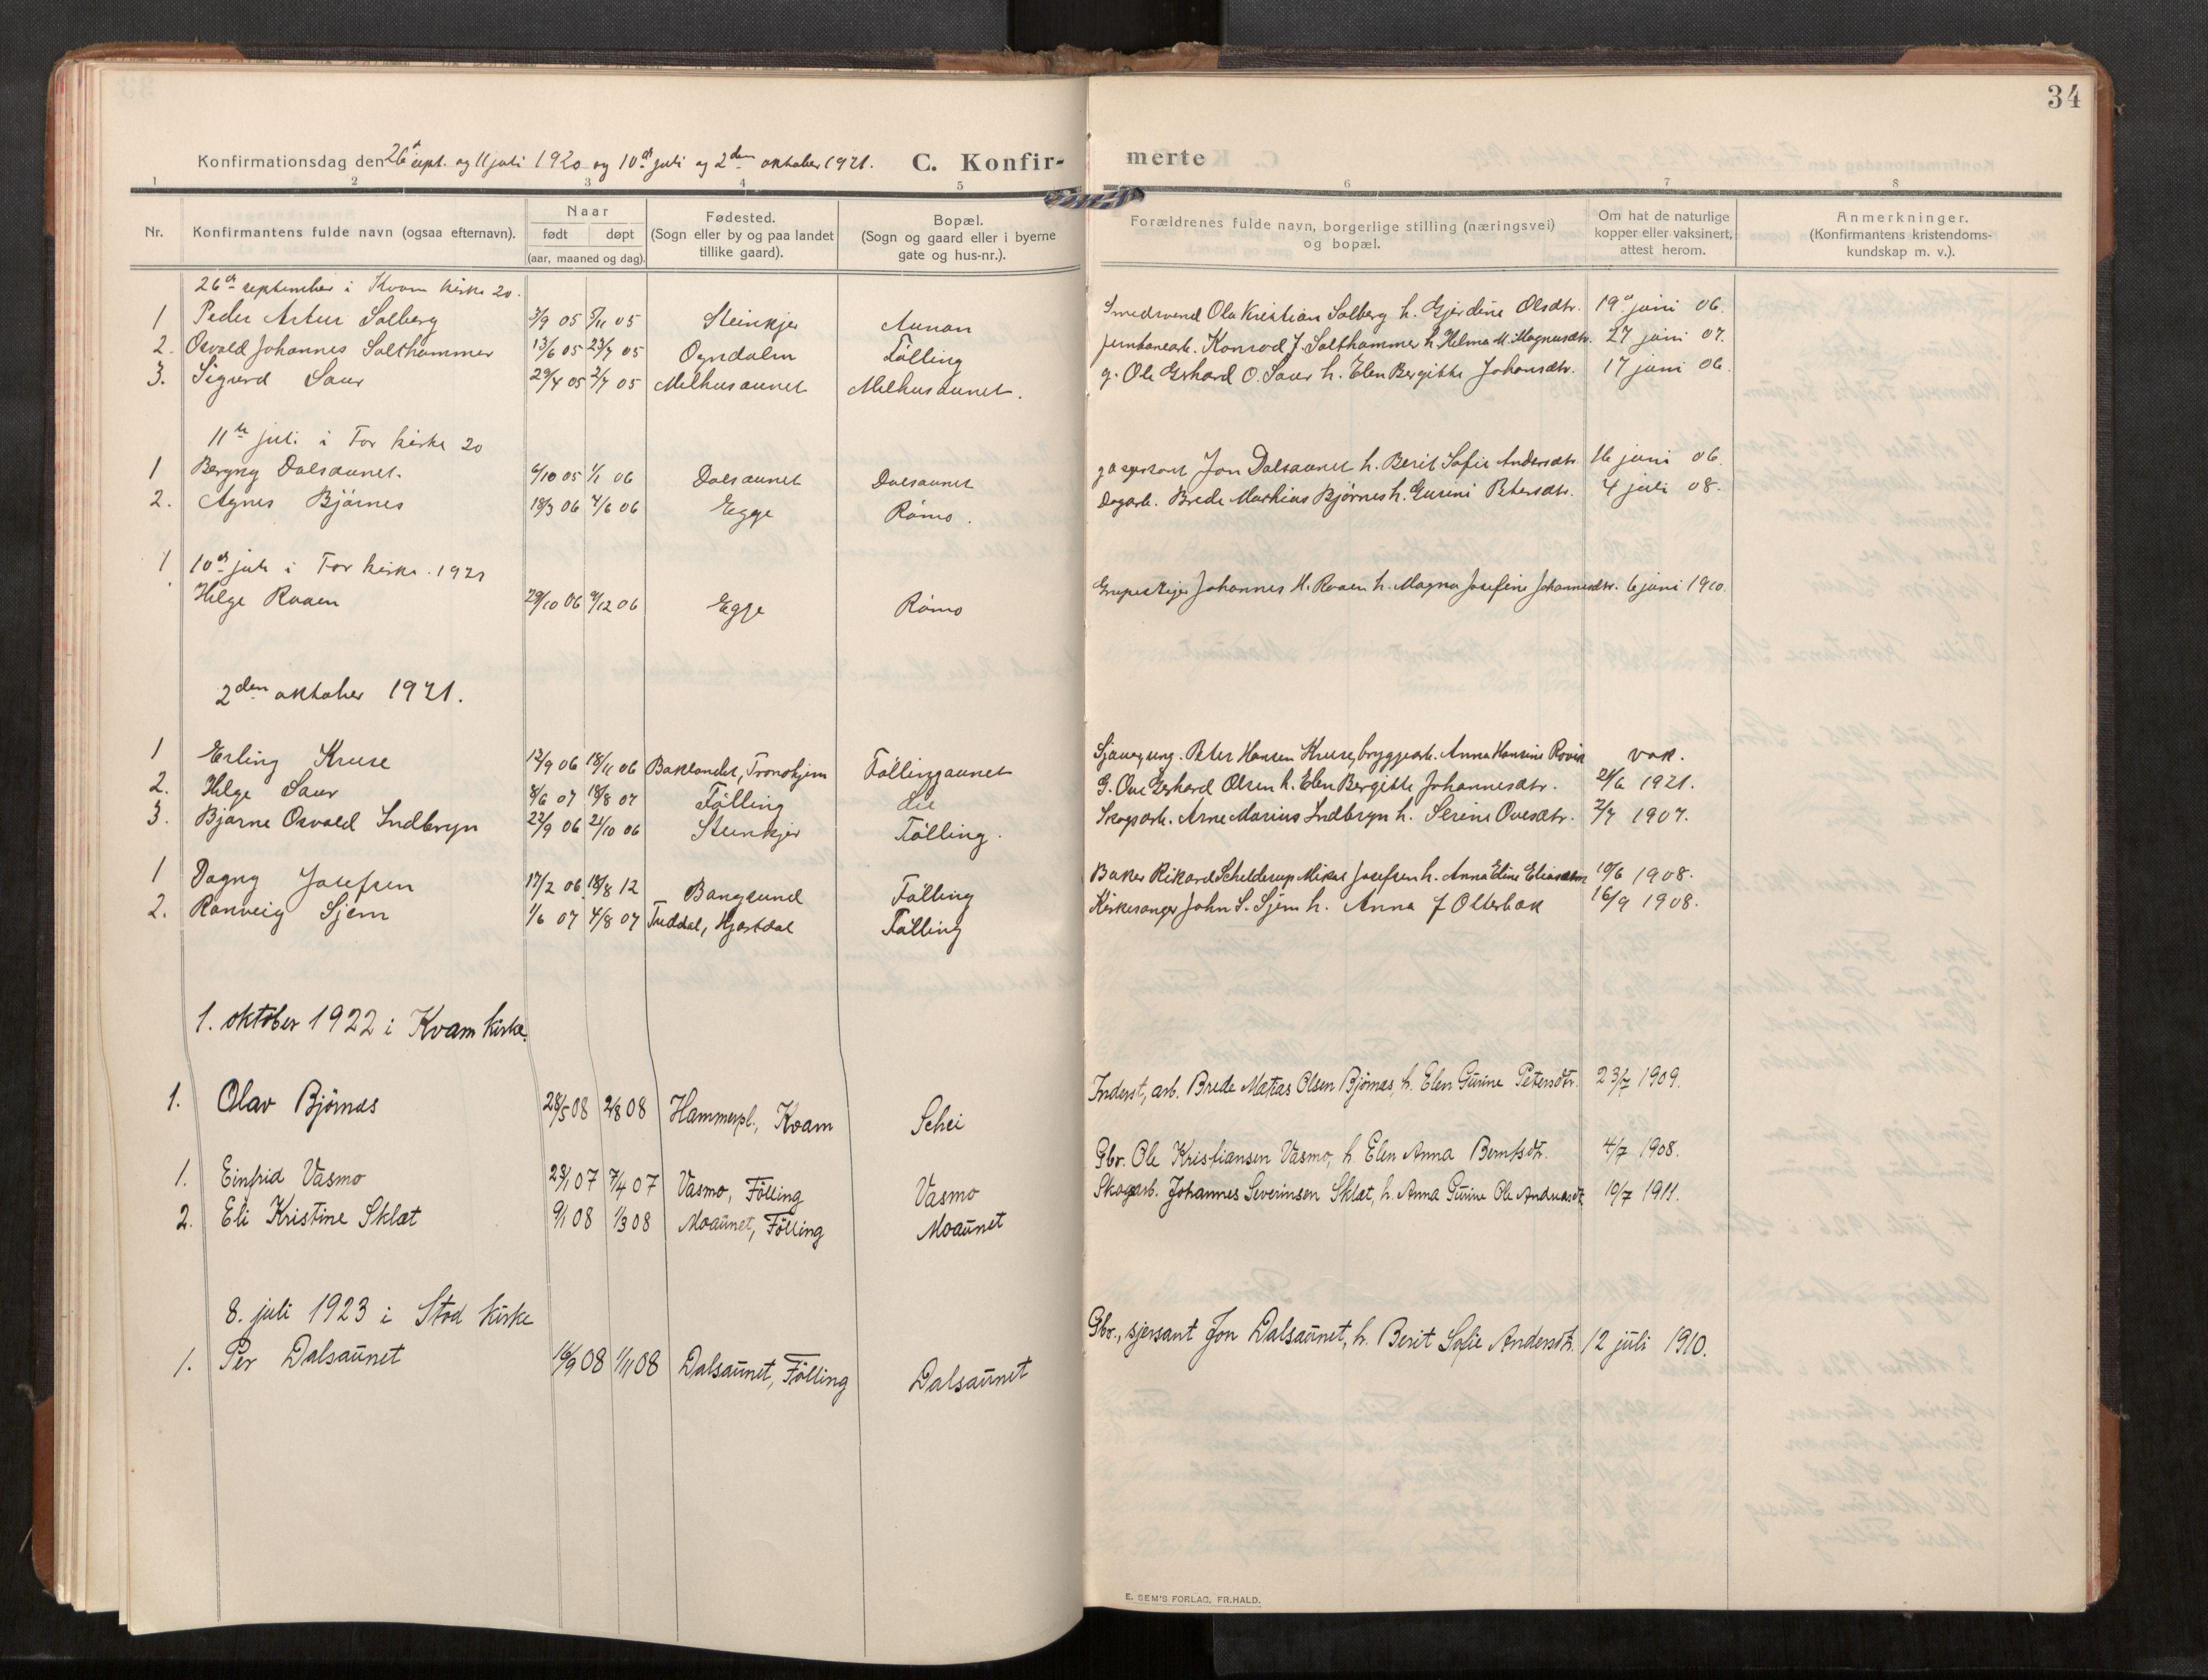 SAT, Stod sokneprestkontor, I/I1/I1a/L0003: Parish register (official) no. 3, 1909-1934, p. 34